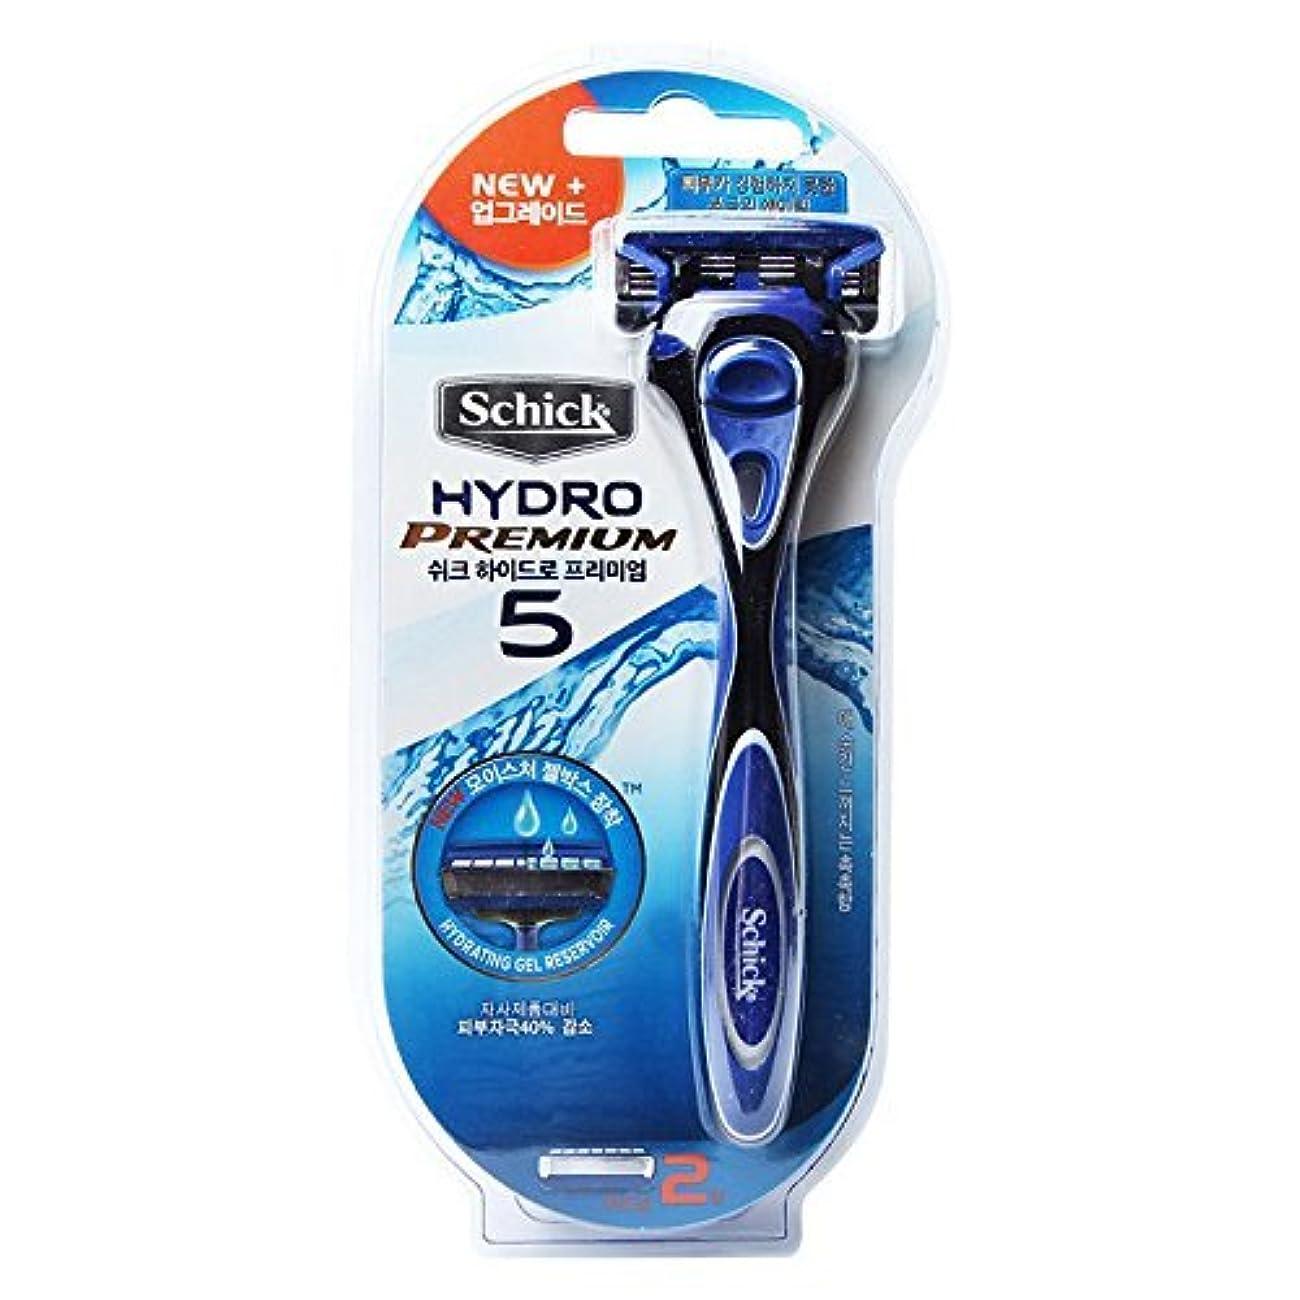 テーブル外科医ライトニングSchick Hydro 5 Premium トリマーで男性と2カミソリ詰め替え用カミソリ [並行輸入品]